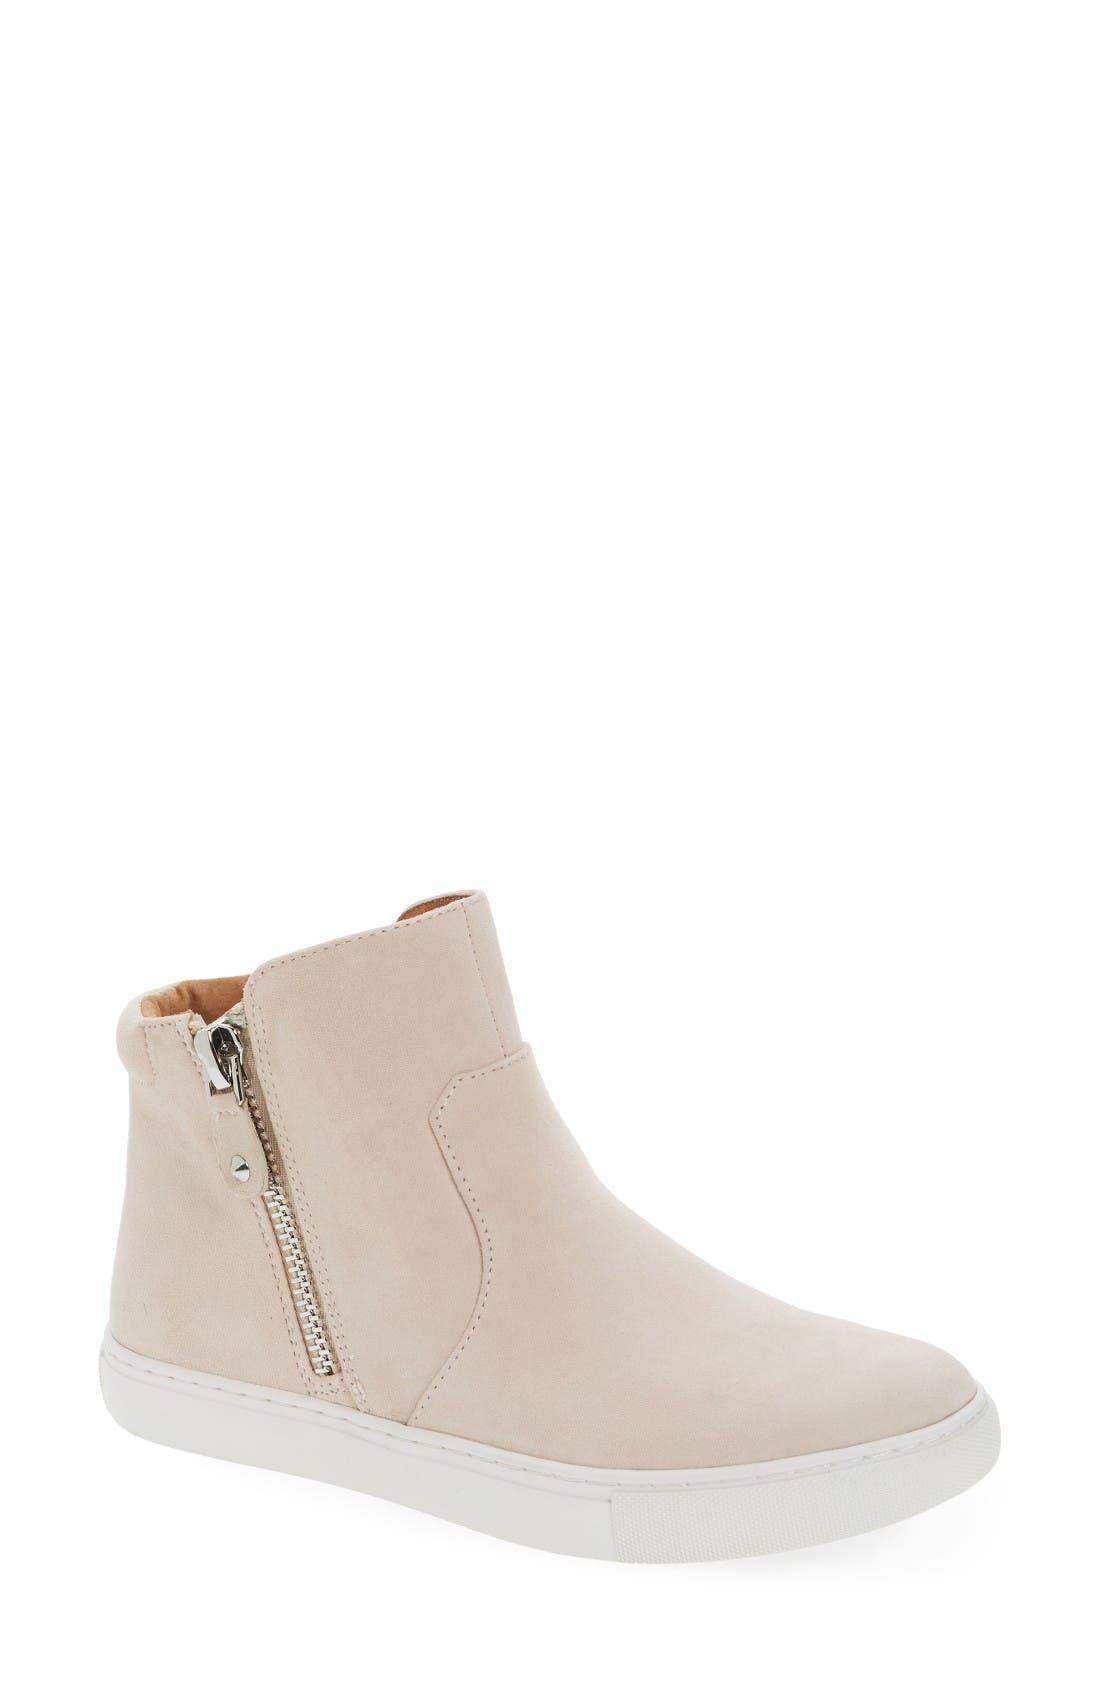 Gentle Souls Carole Zip Sneaker (Women)